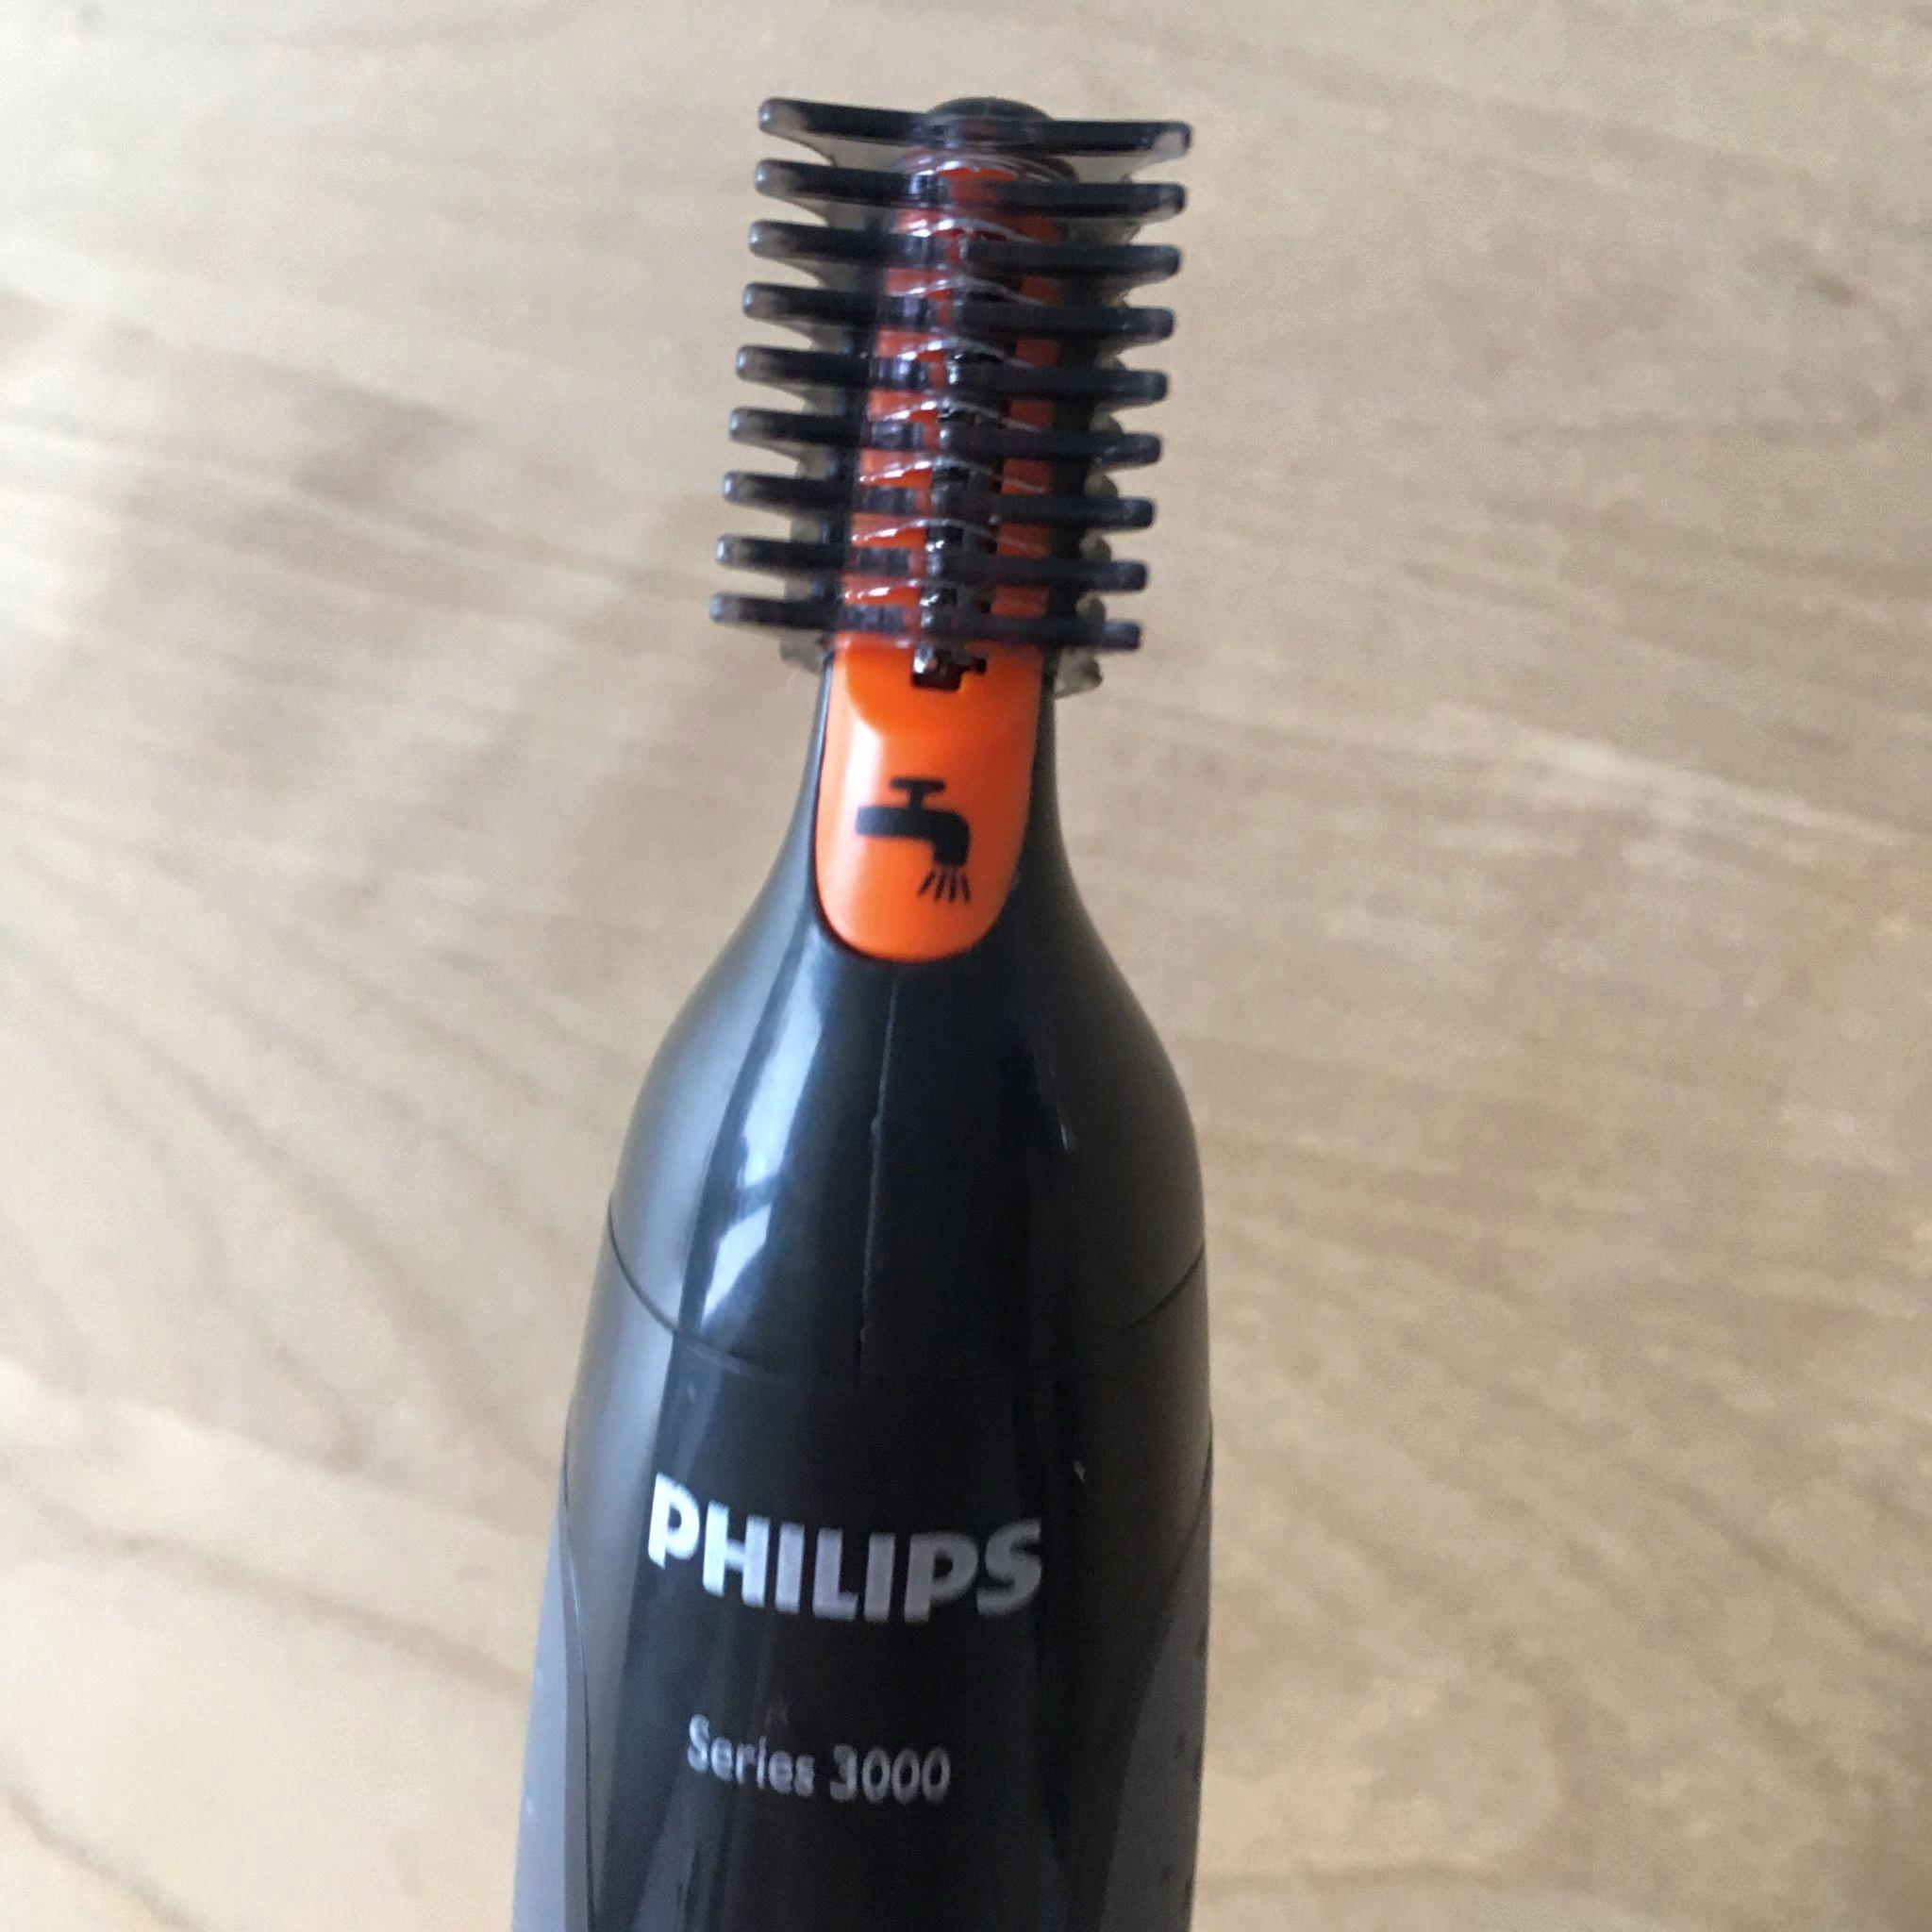 триммер филипс для стрижки волос